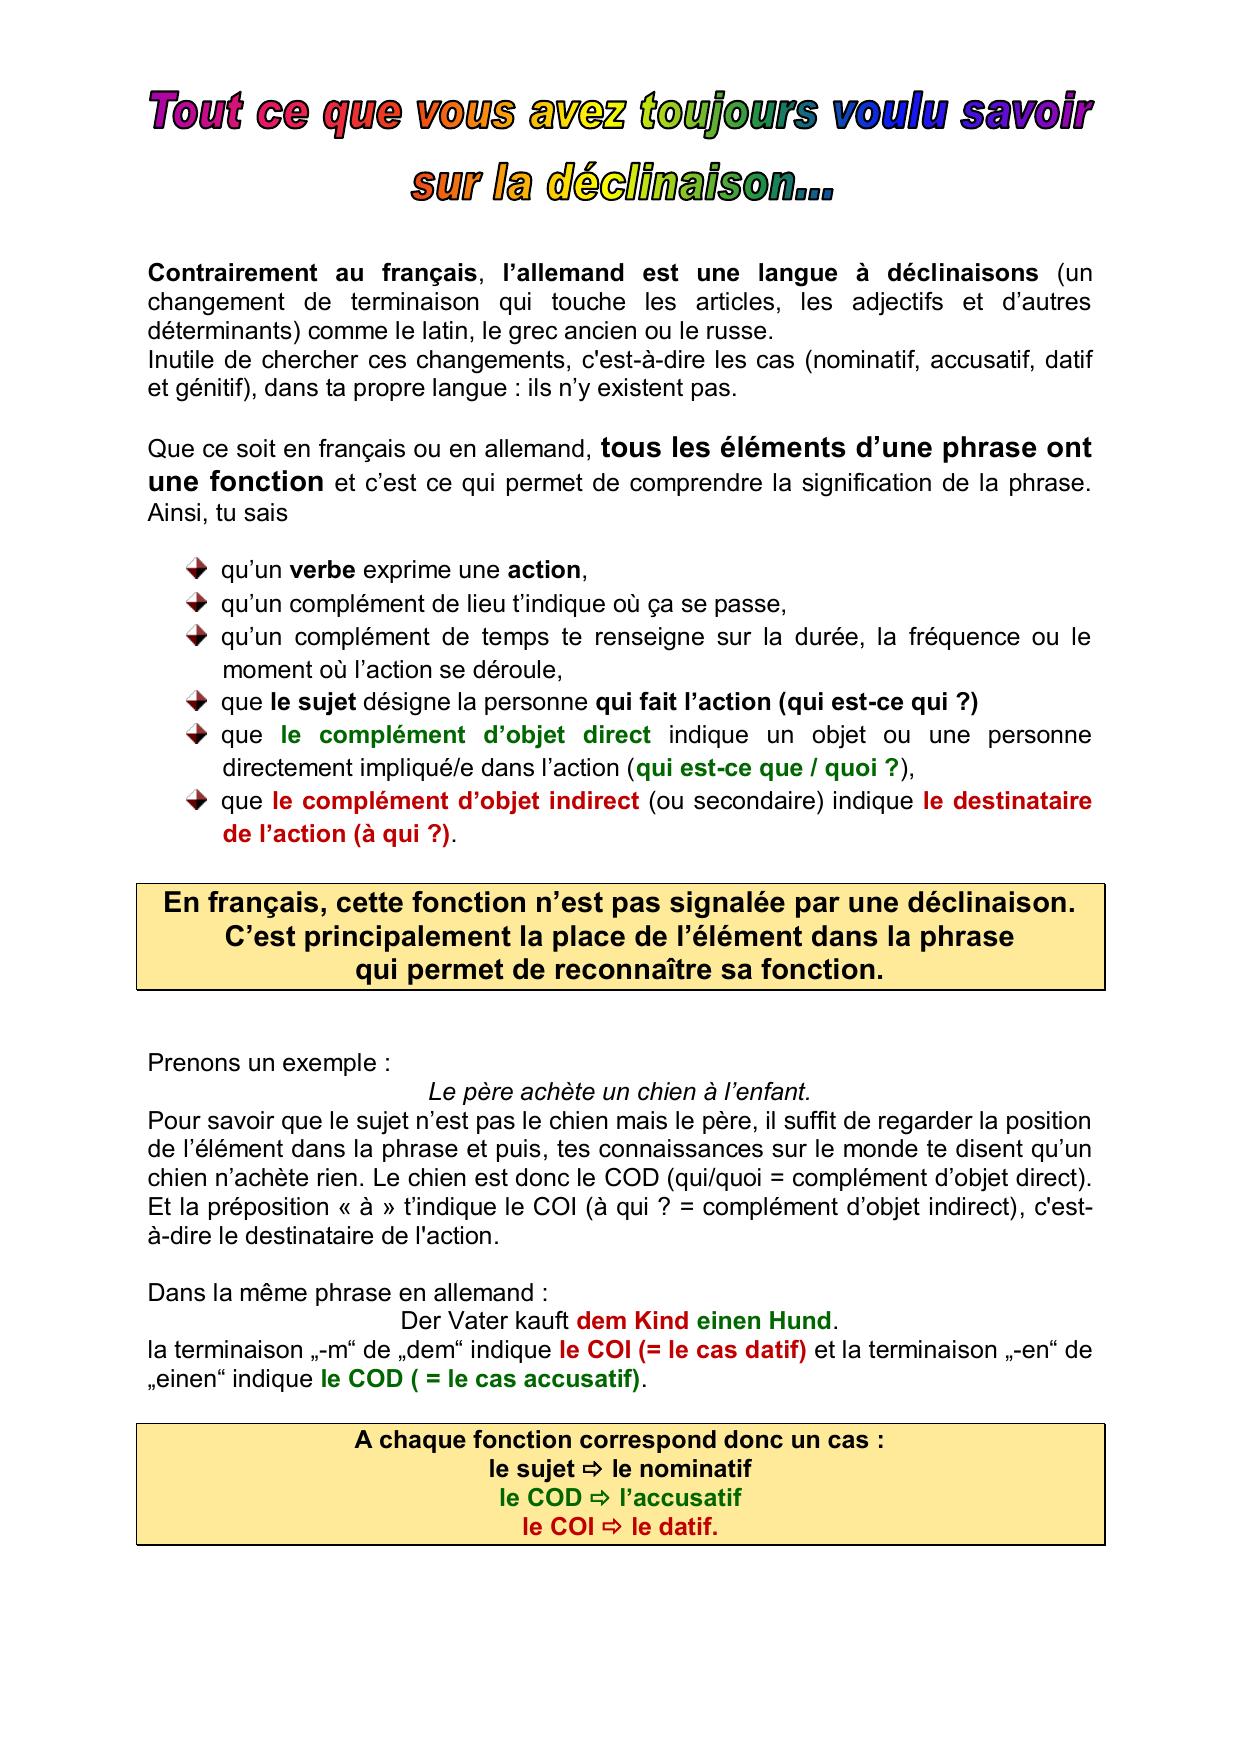 En Francais Cette Fonction N Est Pas Signalee Par Une Declinaison C